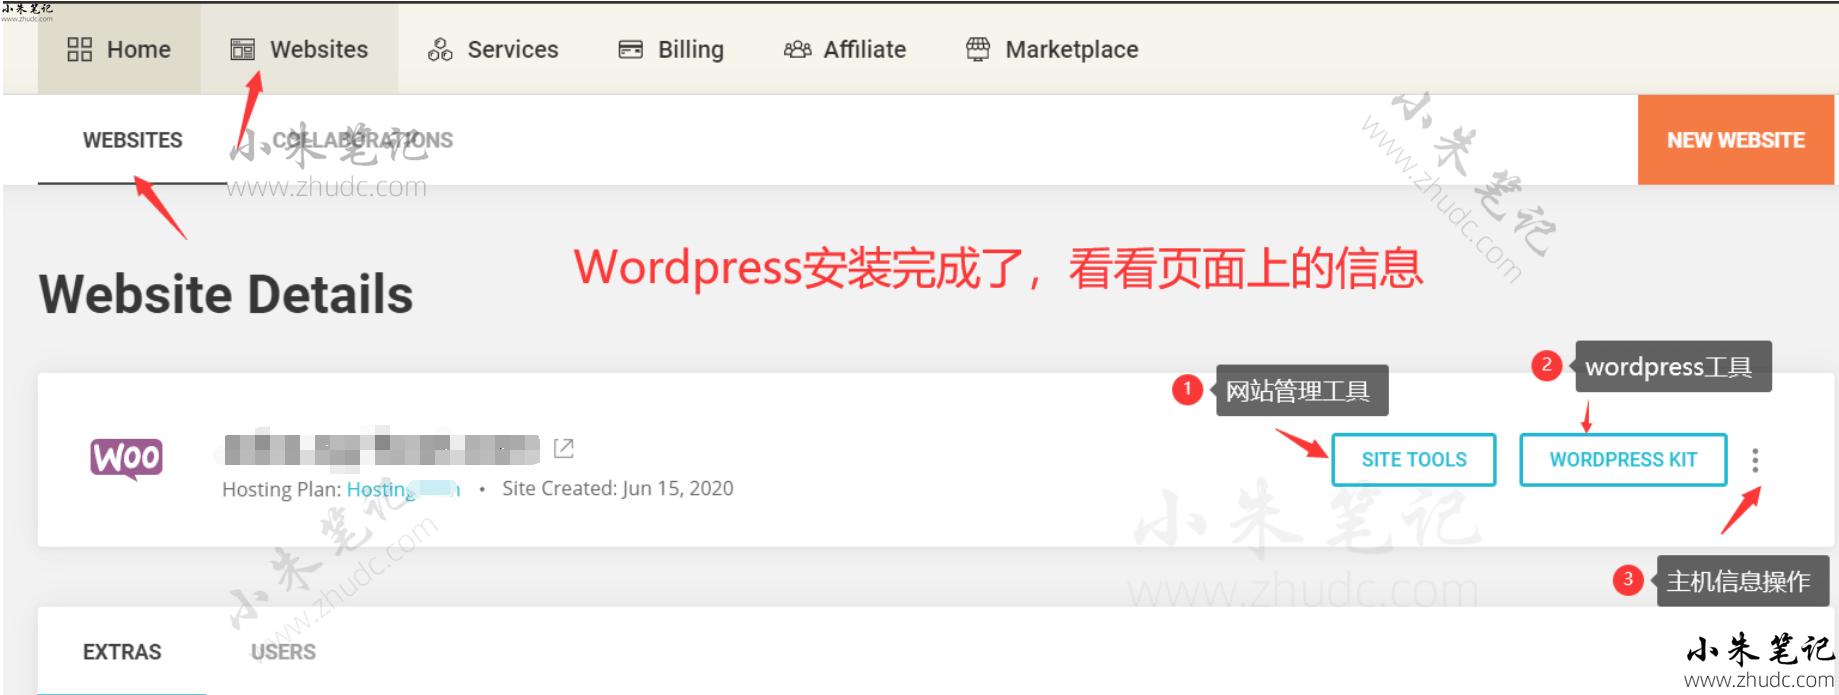 全套完全版Wordpress外贸建站教程 25